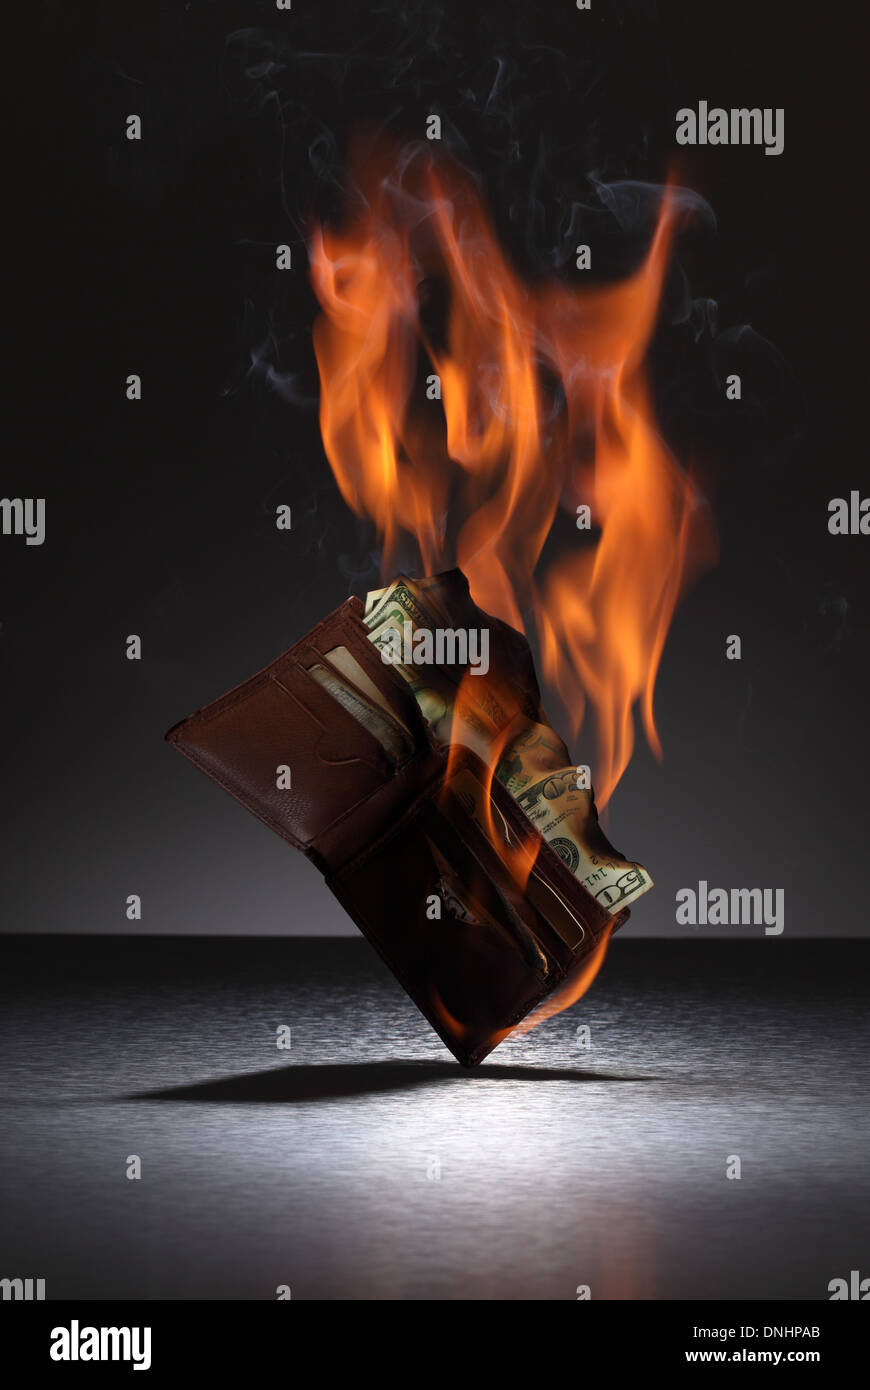 Eine braune Leder-Geldbörse mit Kreditkarten und Geld auf Feuer gefüllt. Stockbild